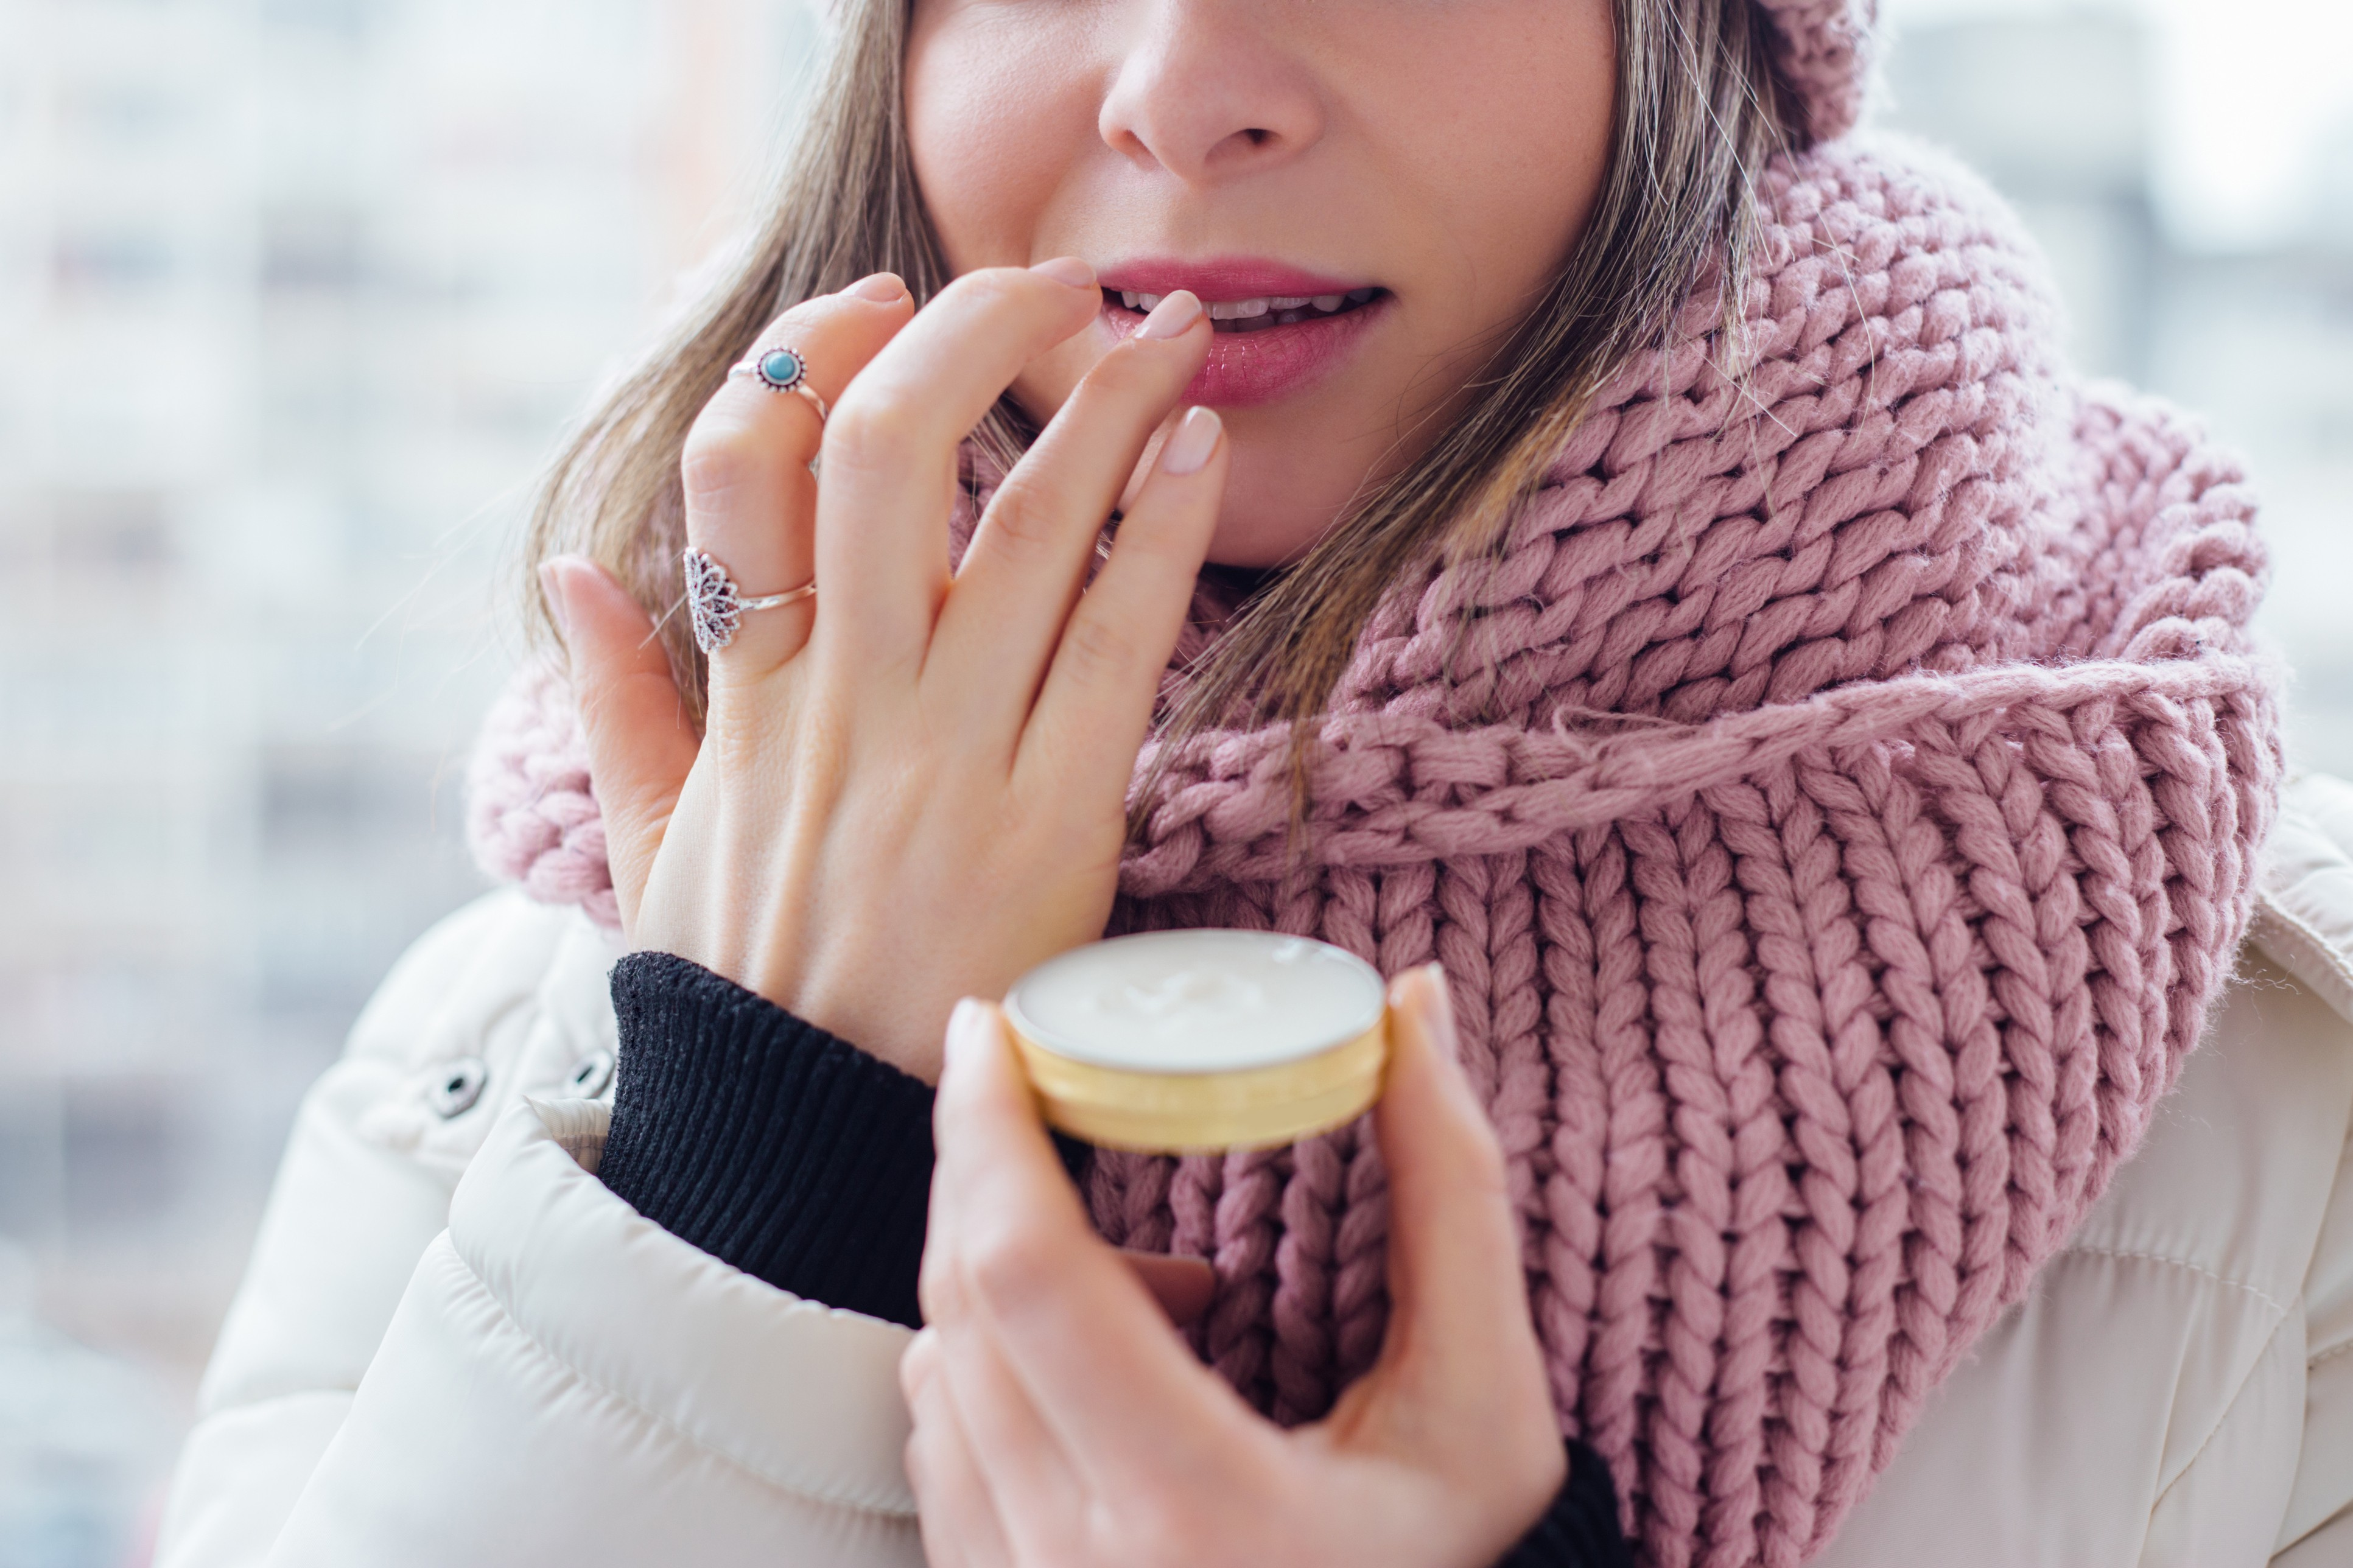 Produtos para os lábios devem ter manteiga hidratante, óleo, oxidante, vitamina E e colágeno (Foto: Thinkstock)